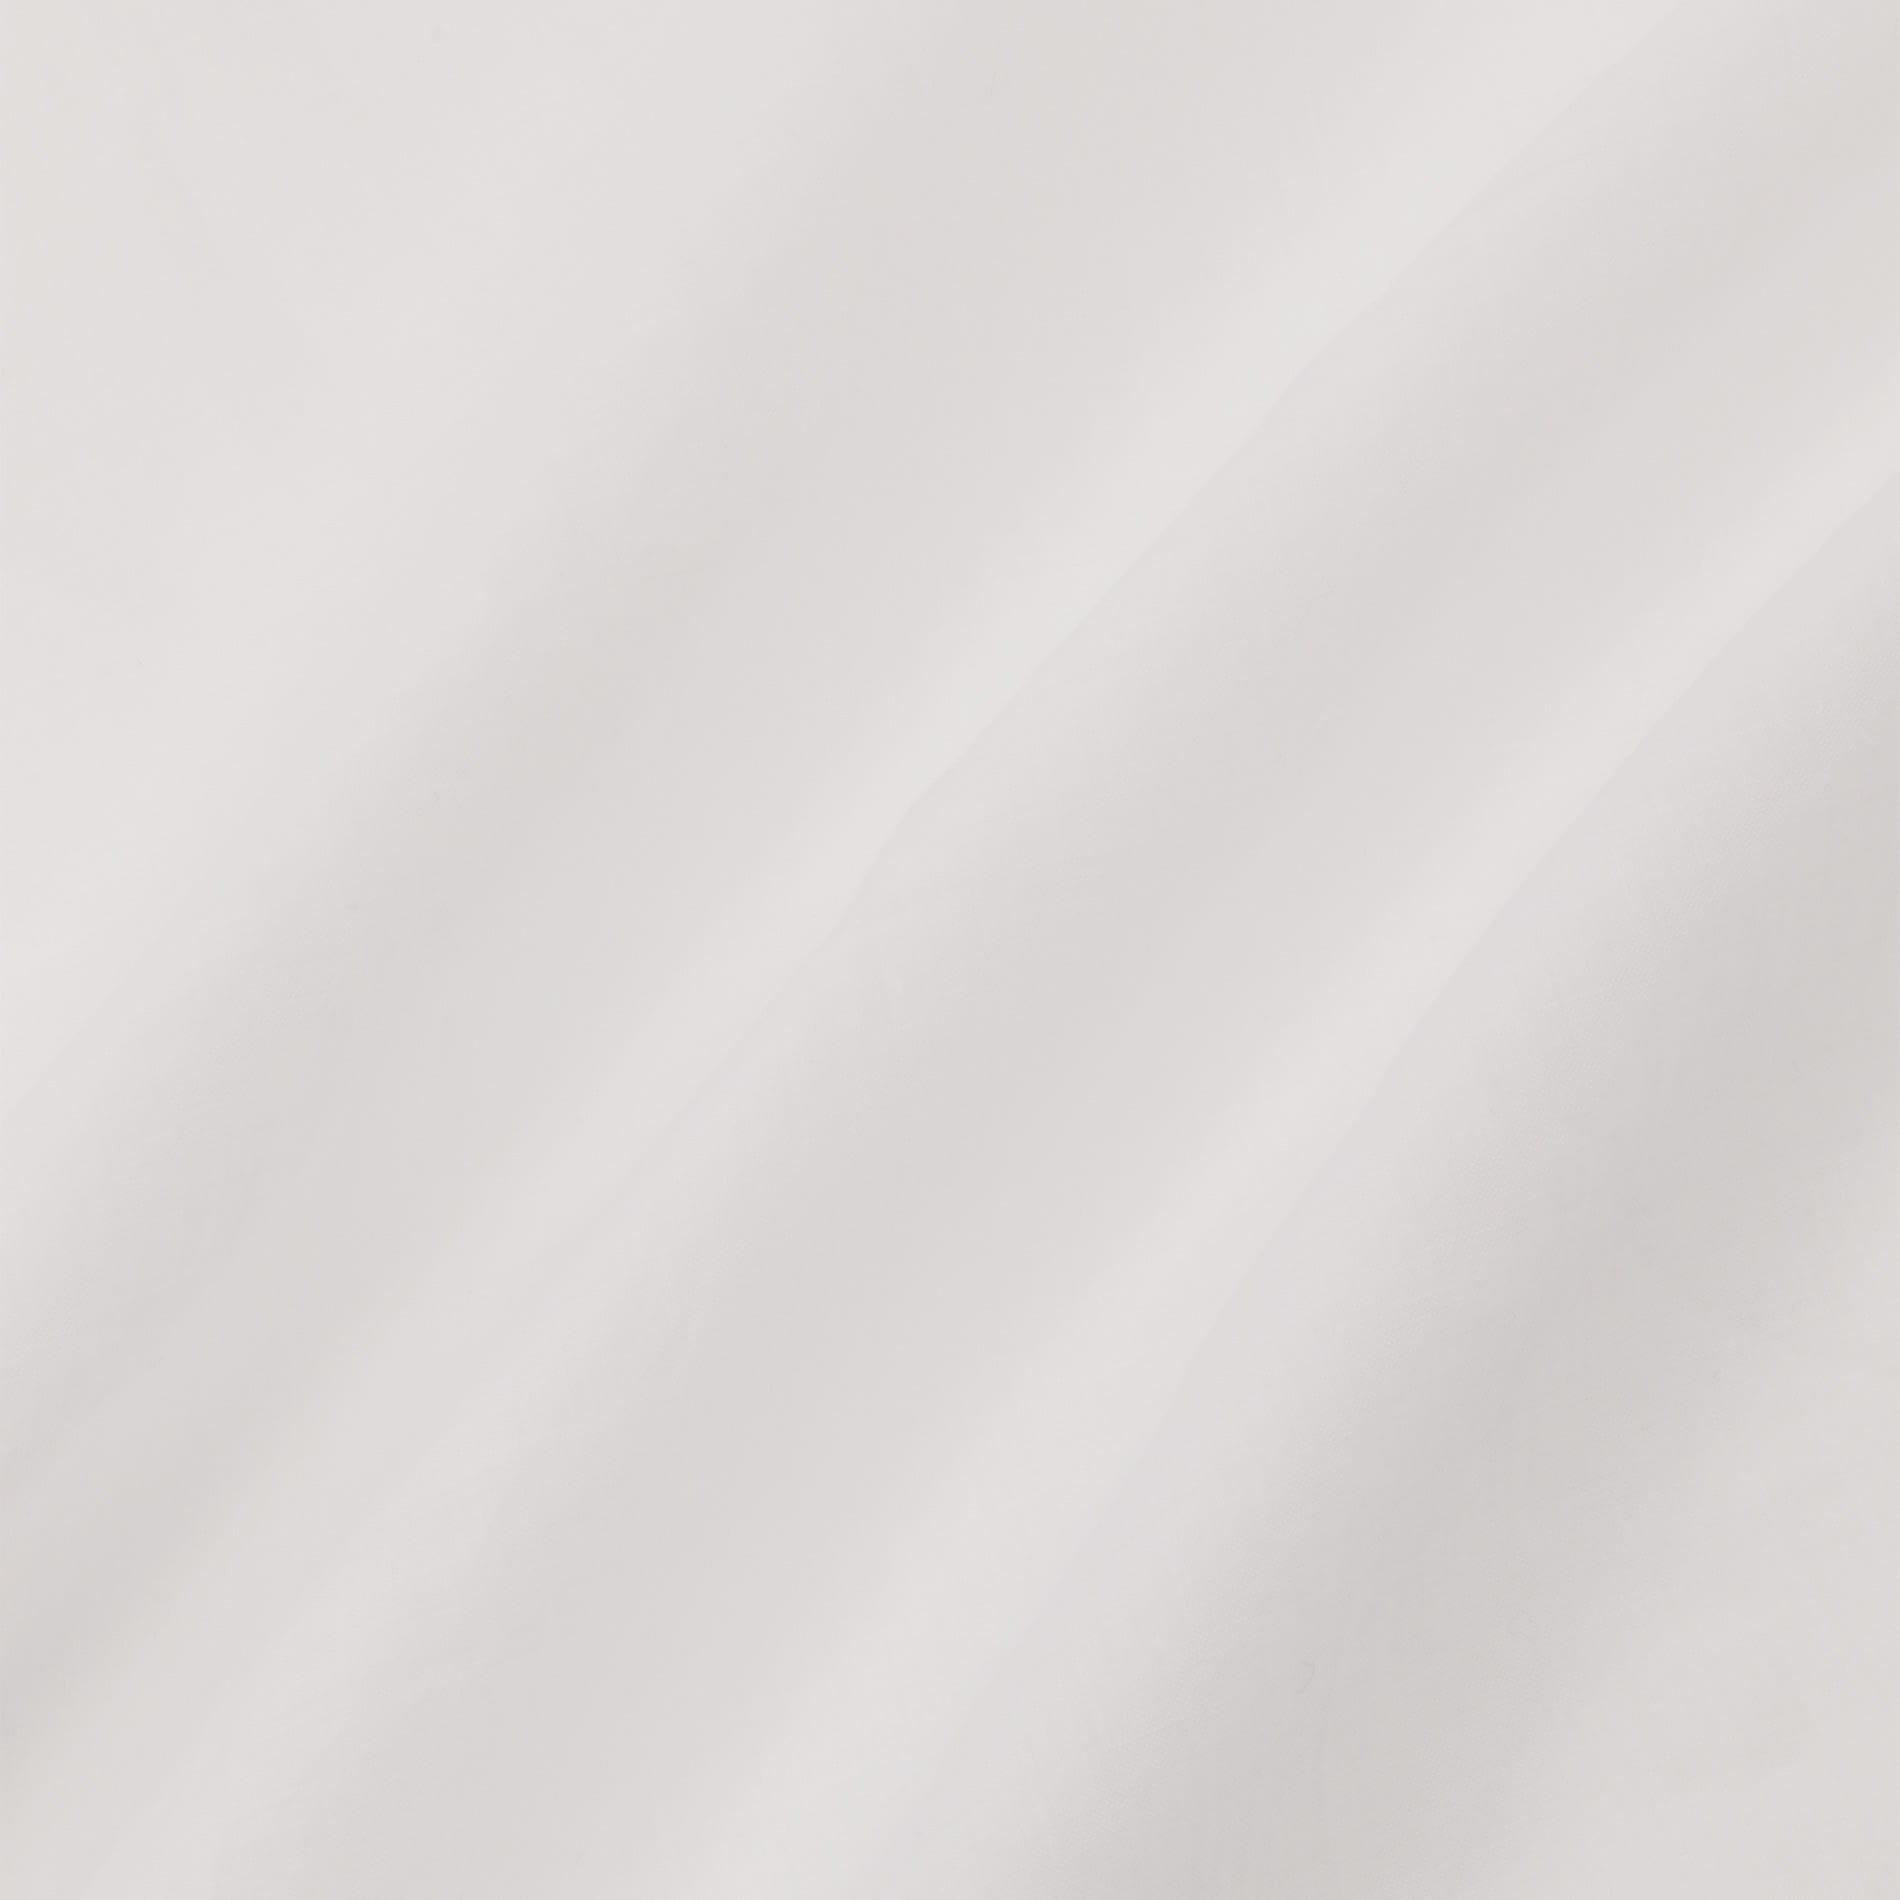 リネン無地ピコ刺繍チーフ